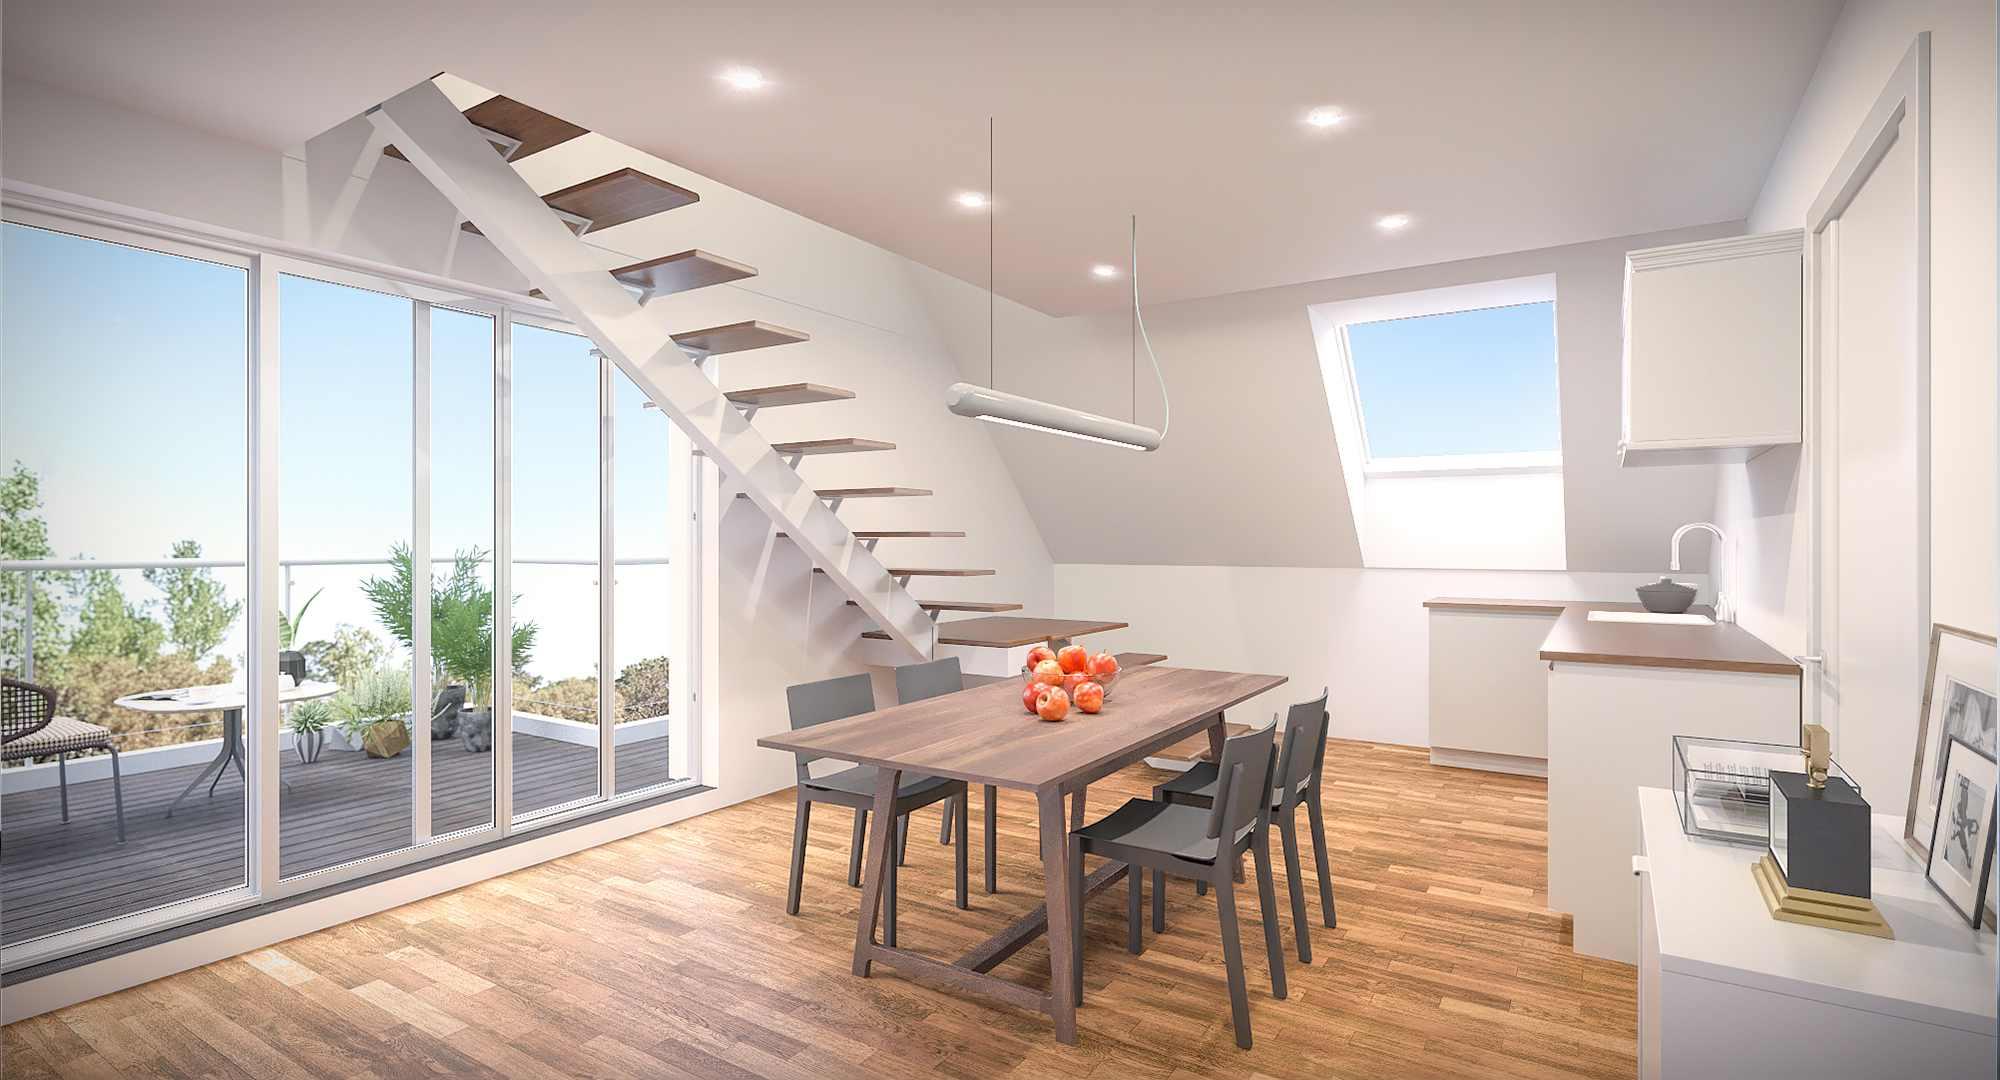 Architektur Visualisierung eines Wohnraumes